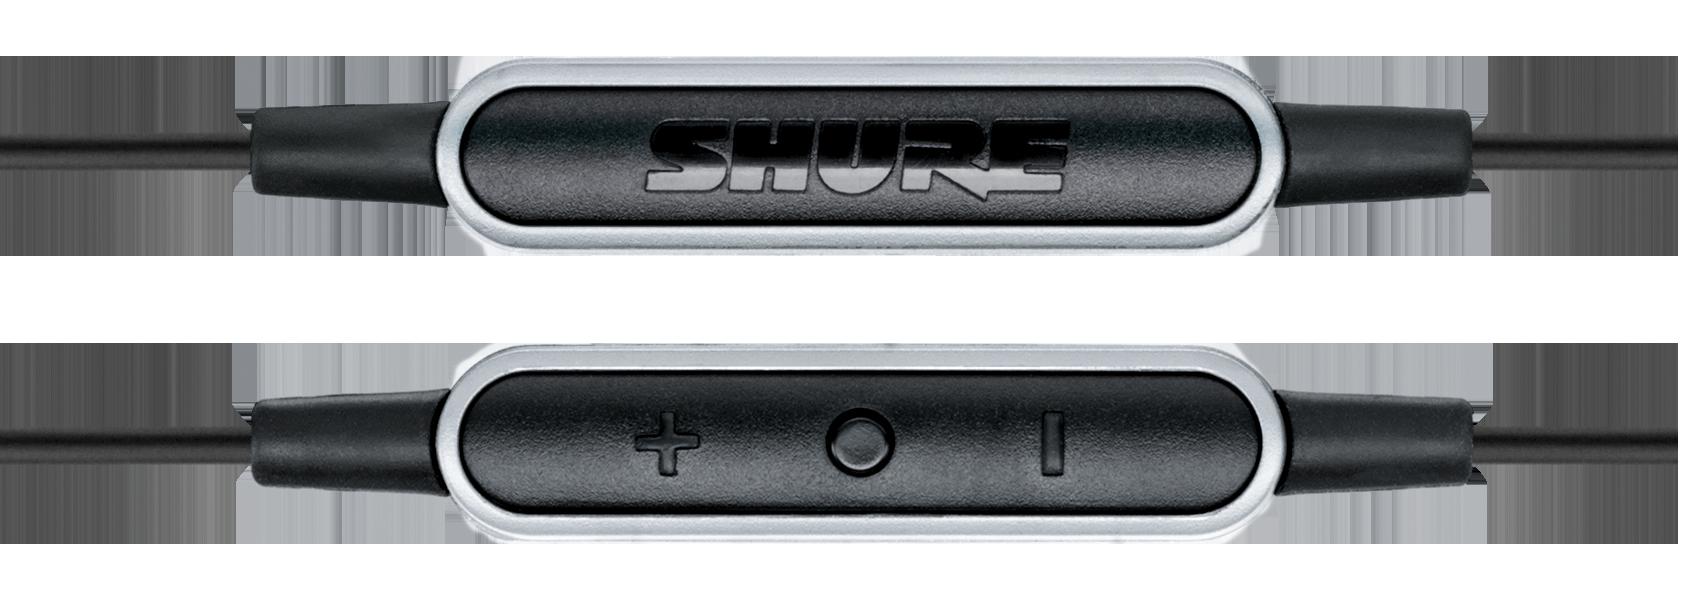 Ilustración Shure SRH145m+ Auriculares portátiles con control remoto y micrófono